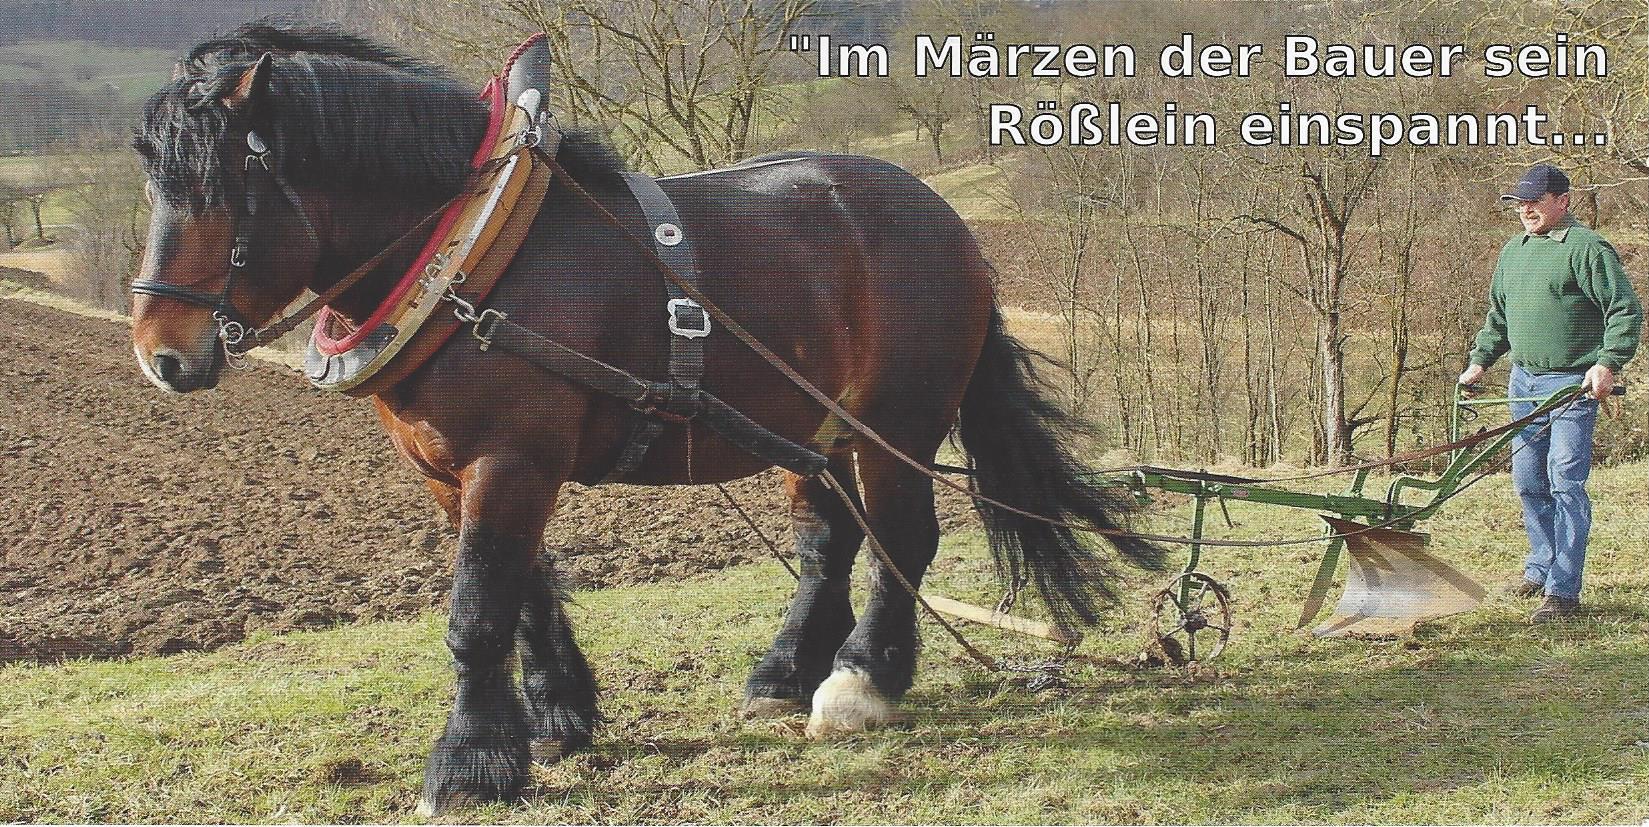 2017-03-25_Sc_HistorischesSchaupflügen2017_01